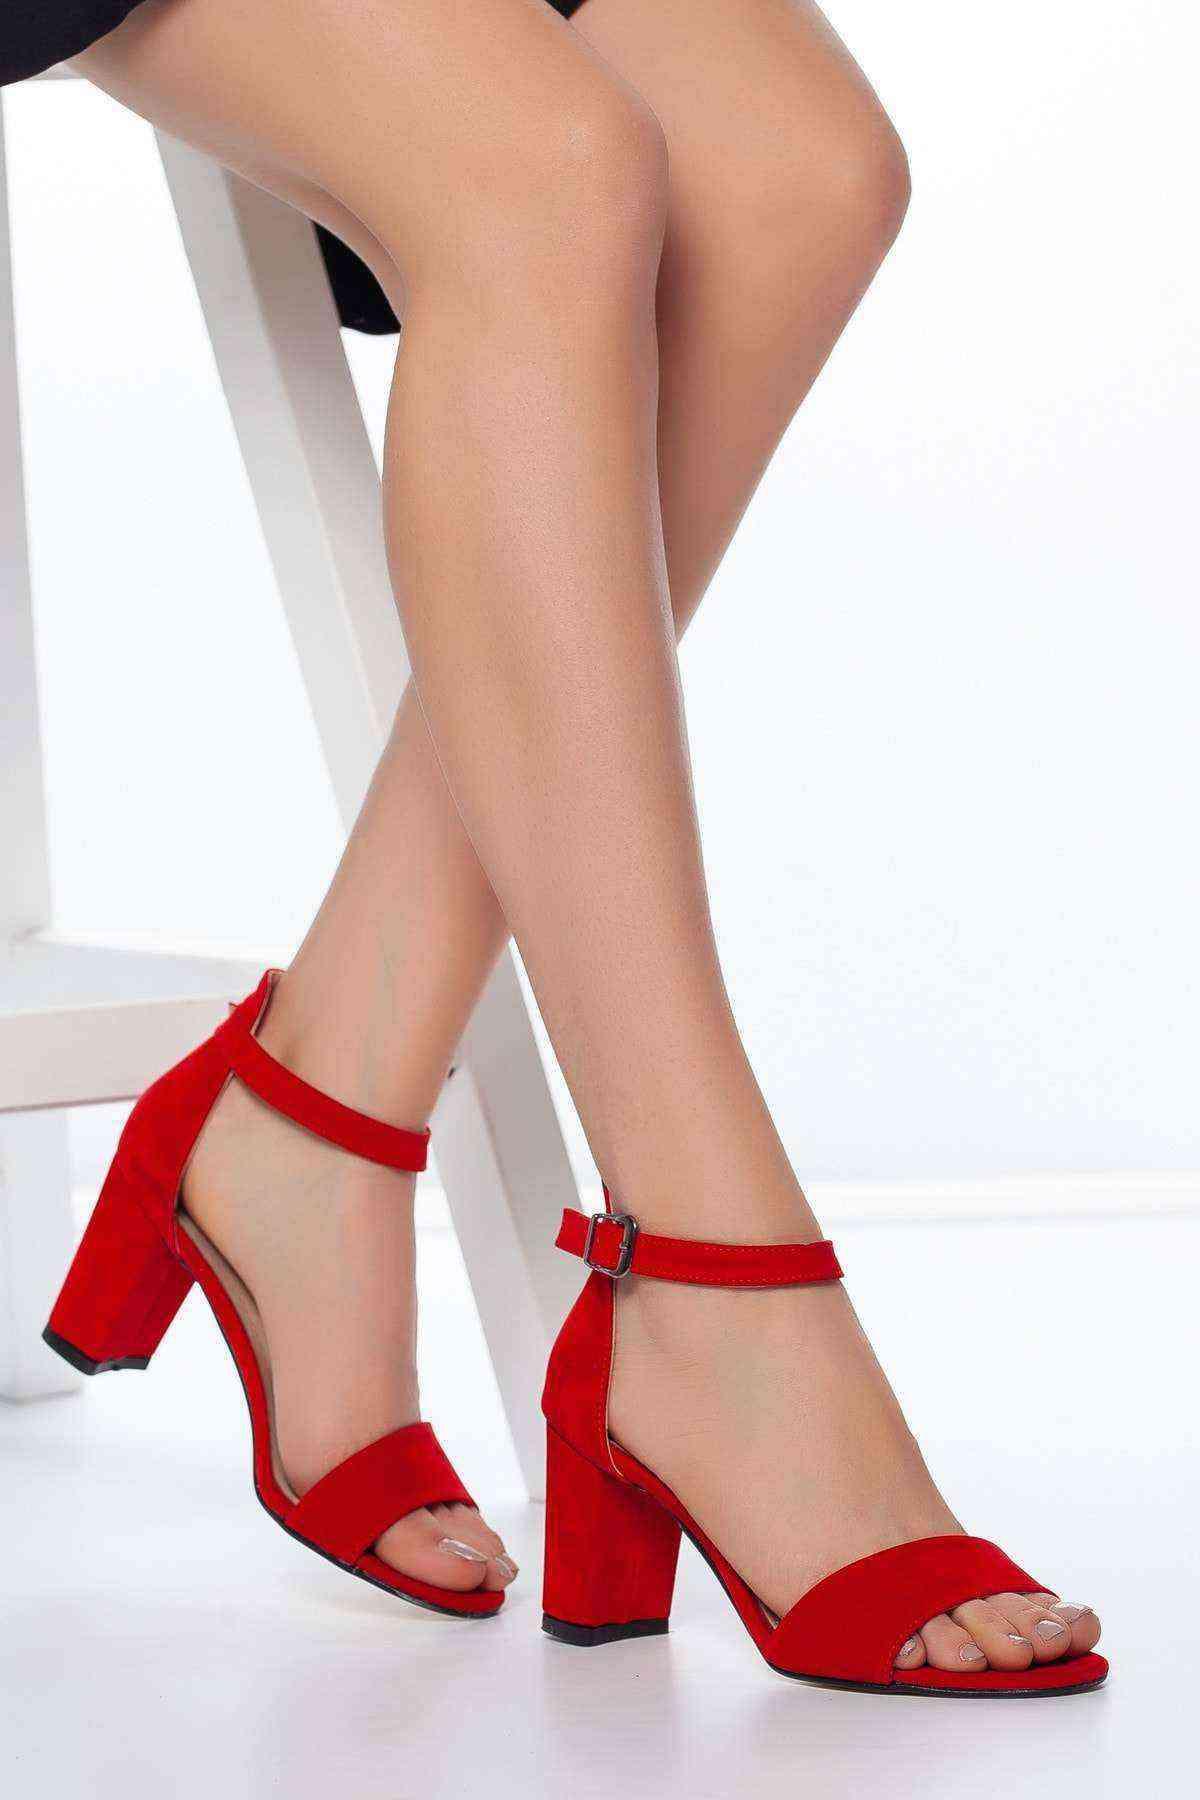 Tek Bant Kadın Ayakkabı - Kırmızı Süet